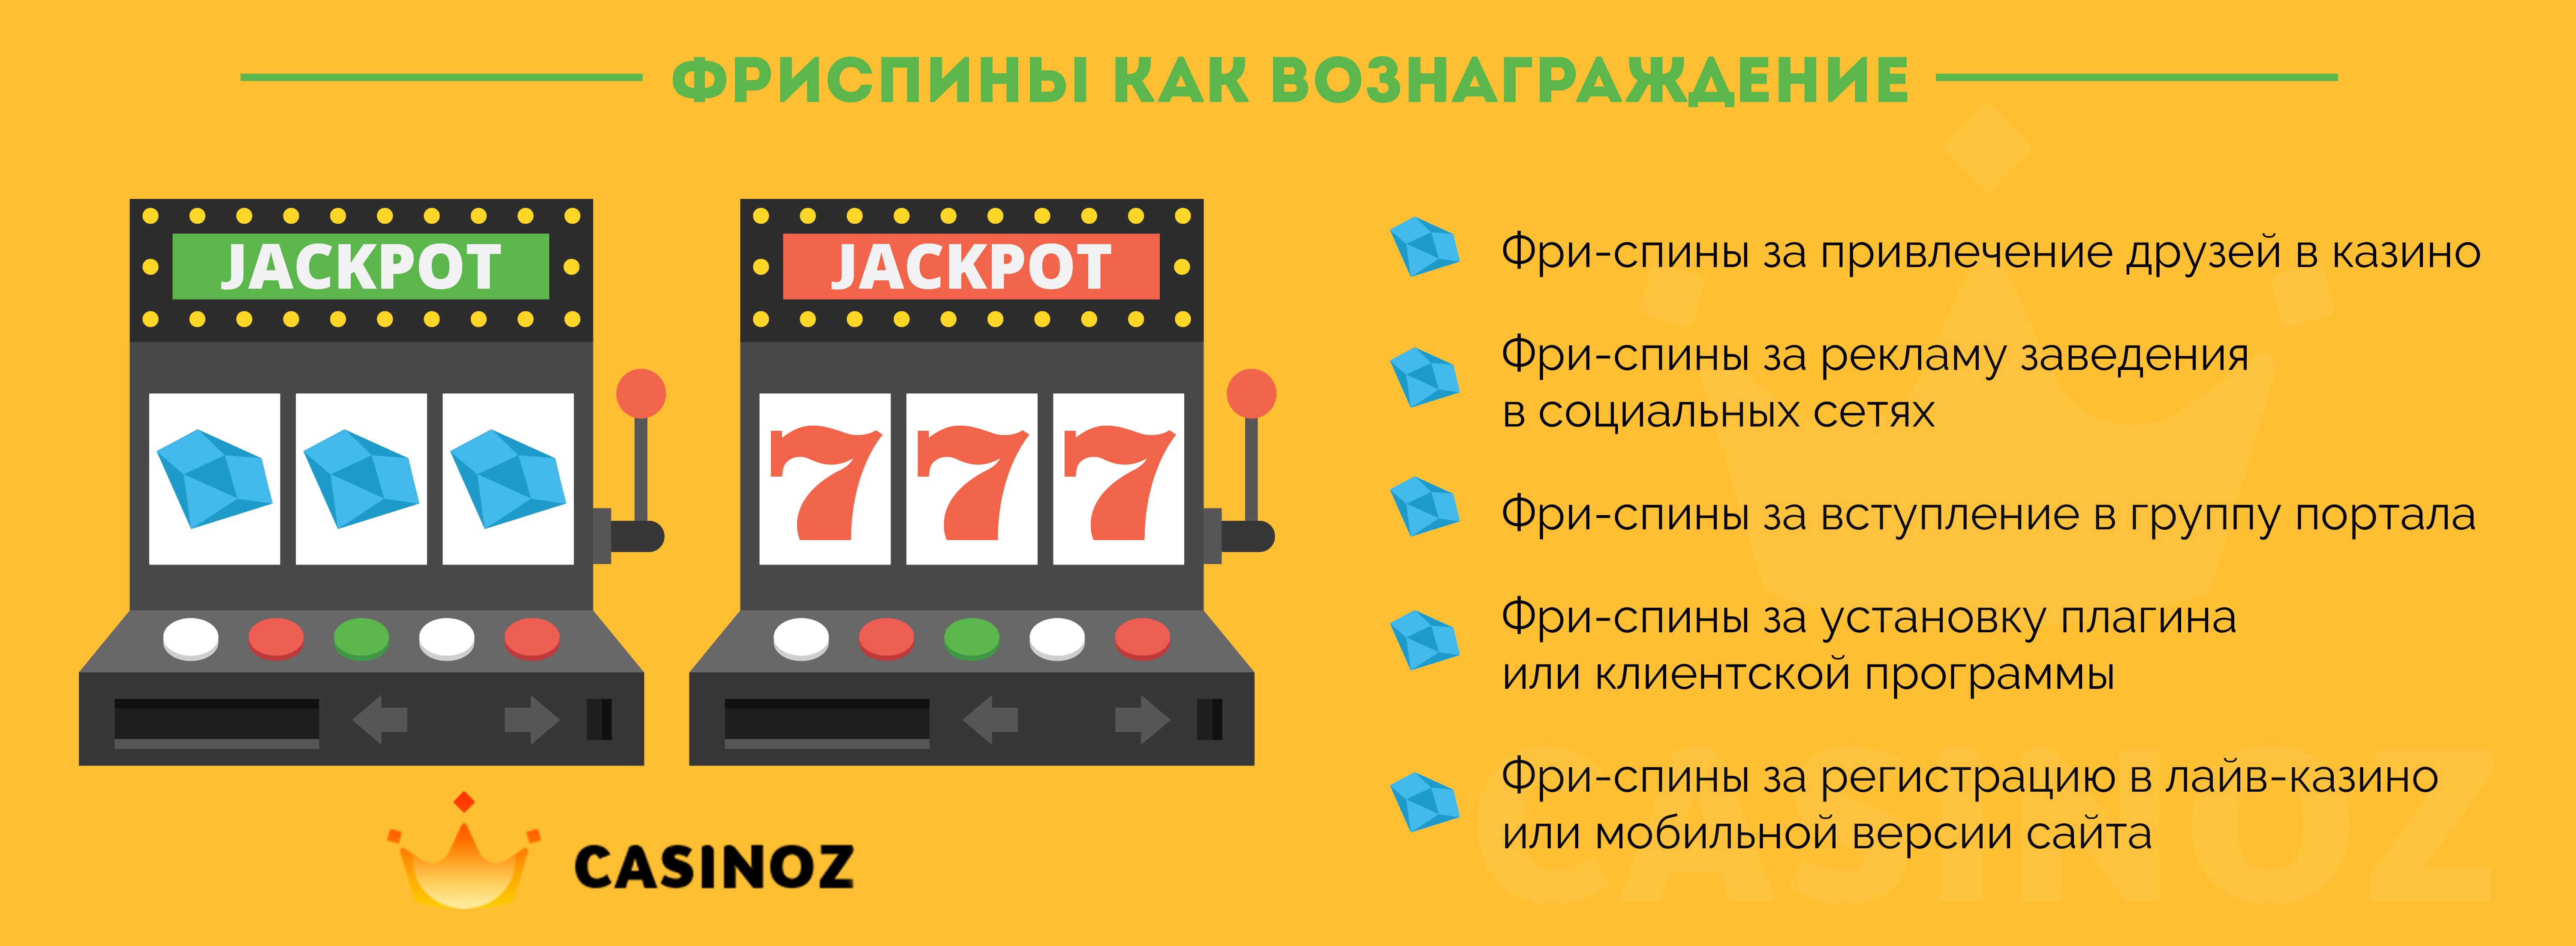 Демо игровые автоматы - Обратите внимание на эти 25 сигналов